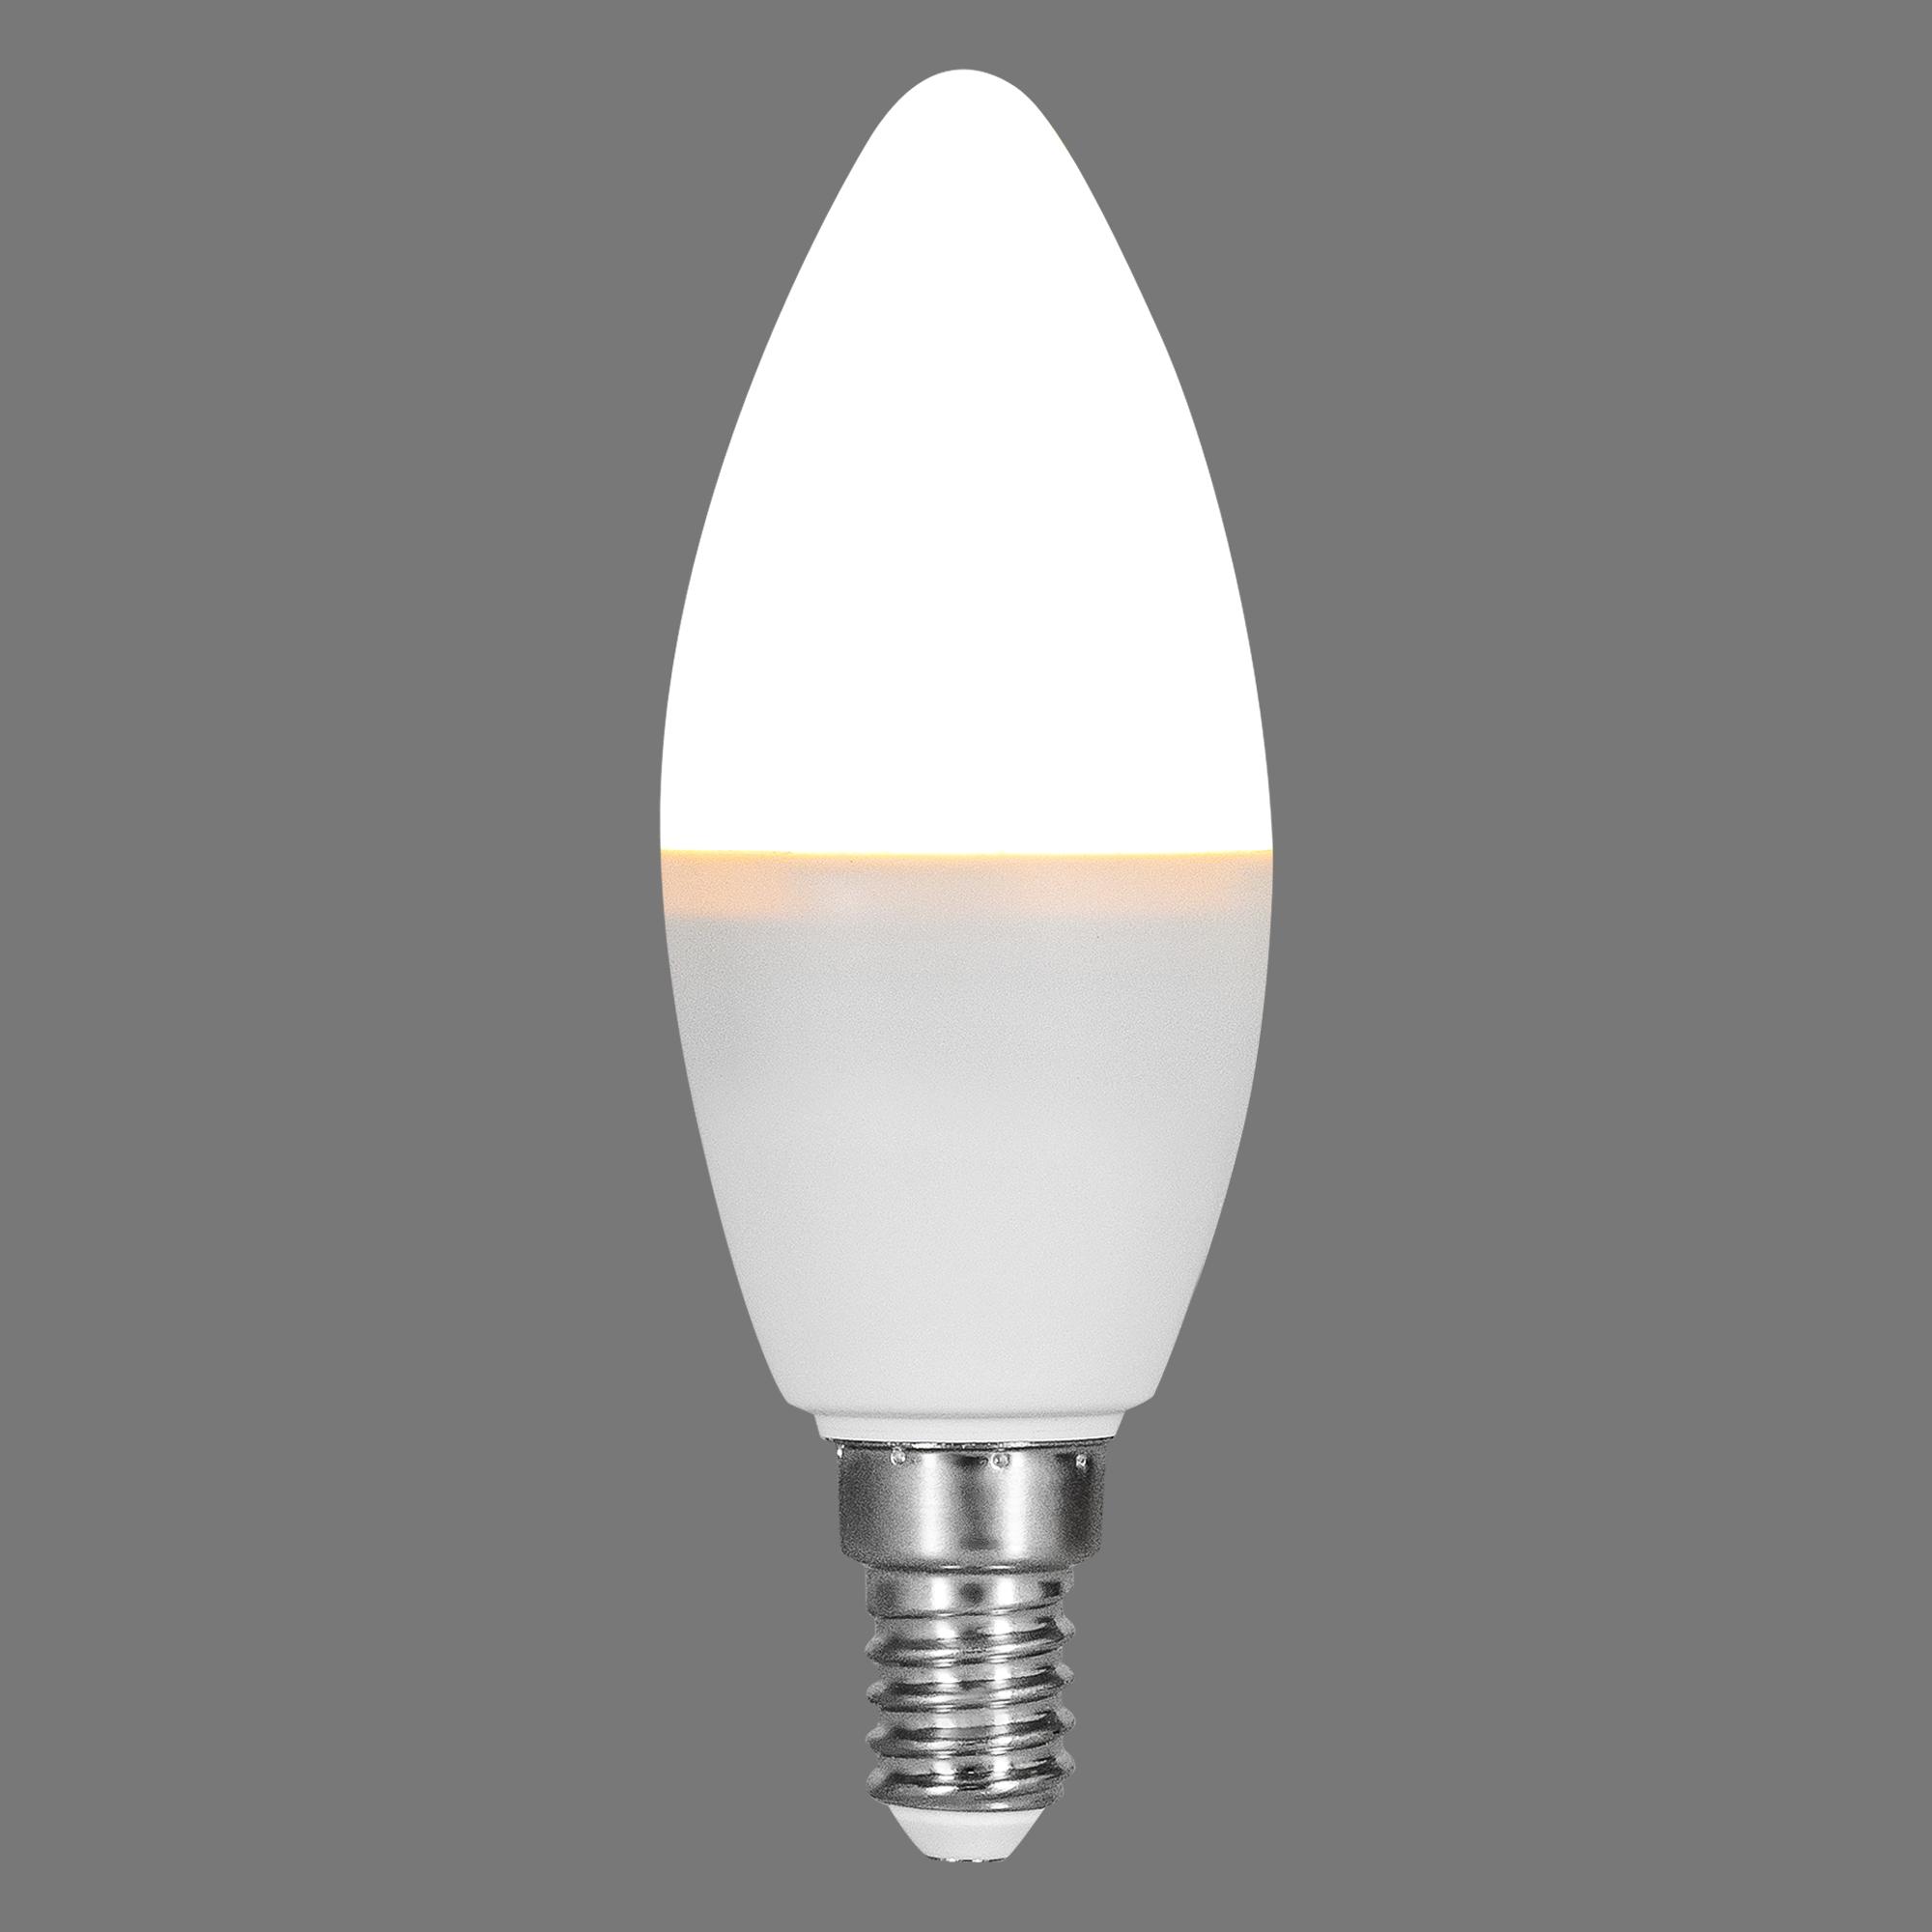 Лампа светодиодная Osram E14 220-240 В 5.5 Вт свеча матовая 470 лм регулируемый цвет света RGBW для диммера